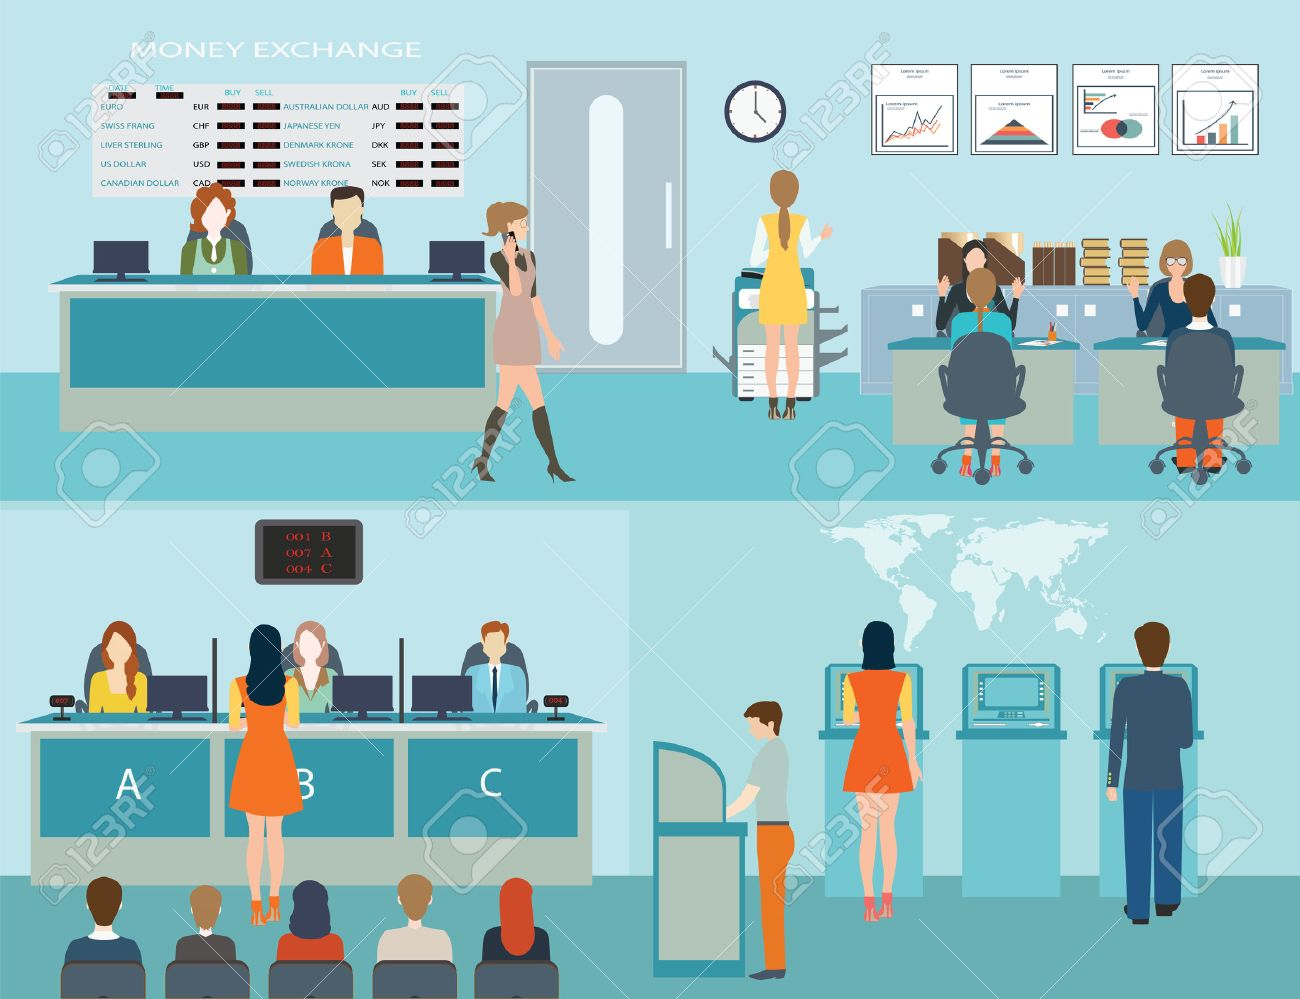 openbare toegang tot financile diensten aan banken bank interieur teller bureau kassier